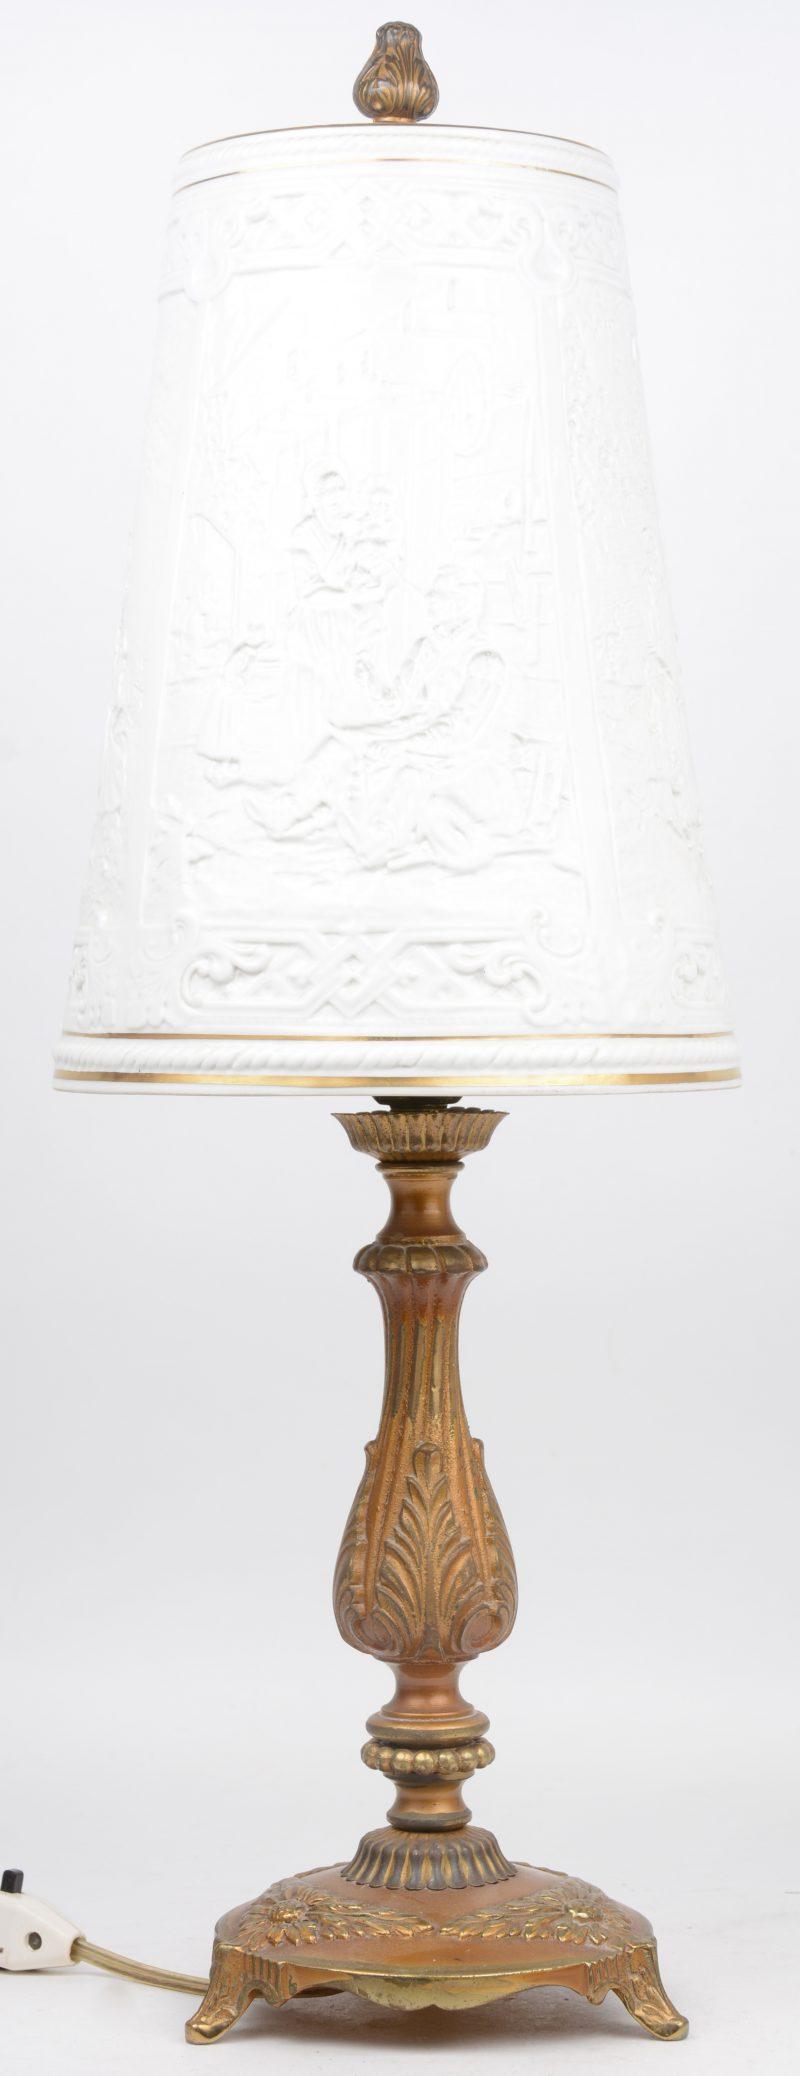 Een schemerlampje met messingen voet en met kapje van monochroom wit porselein, versierd met taferelen in reliëf.